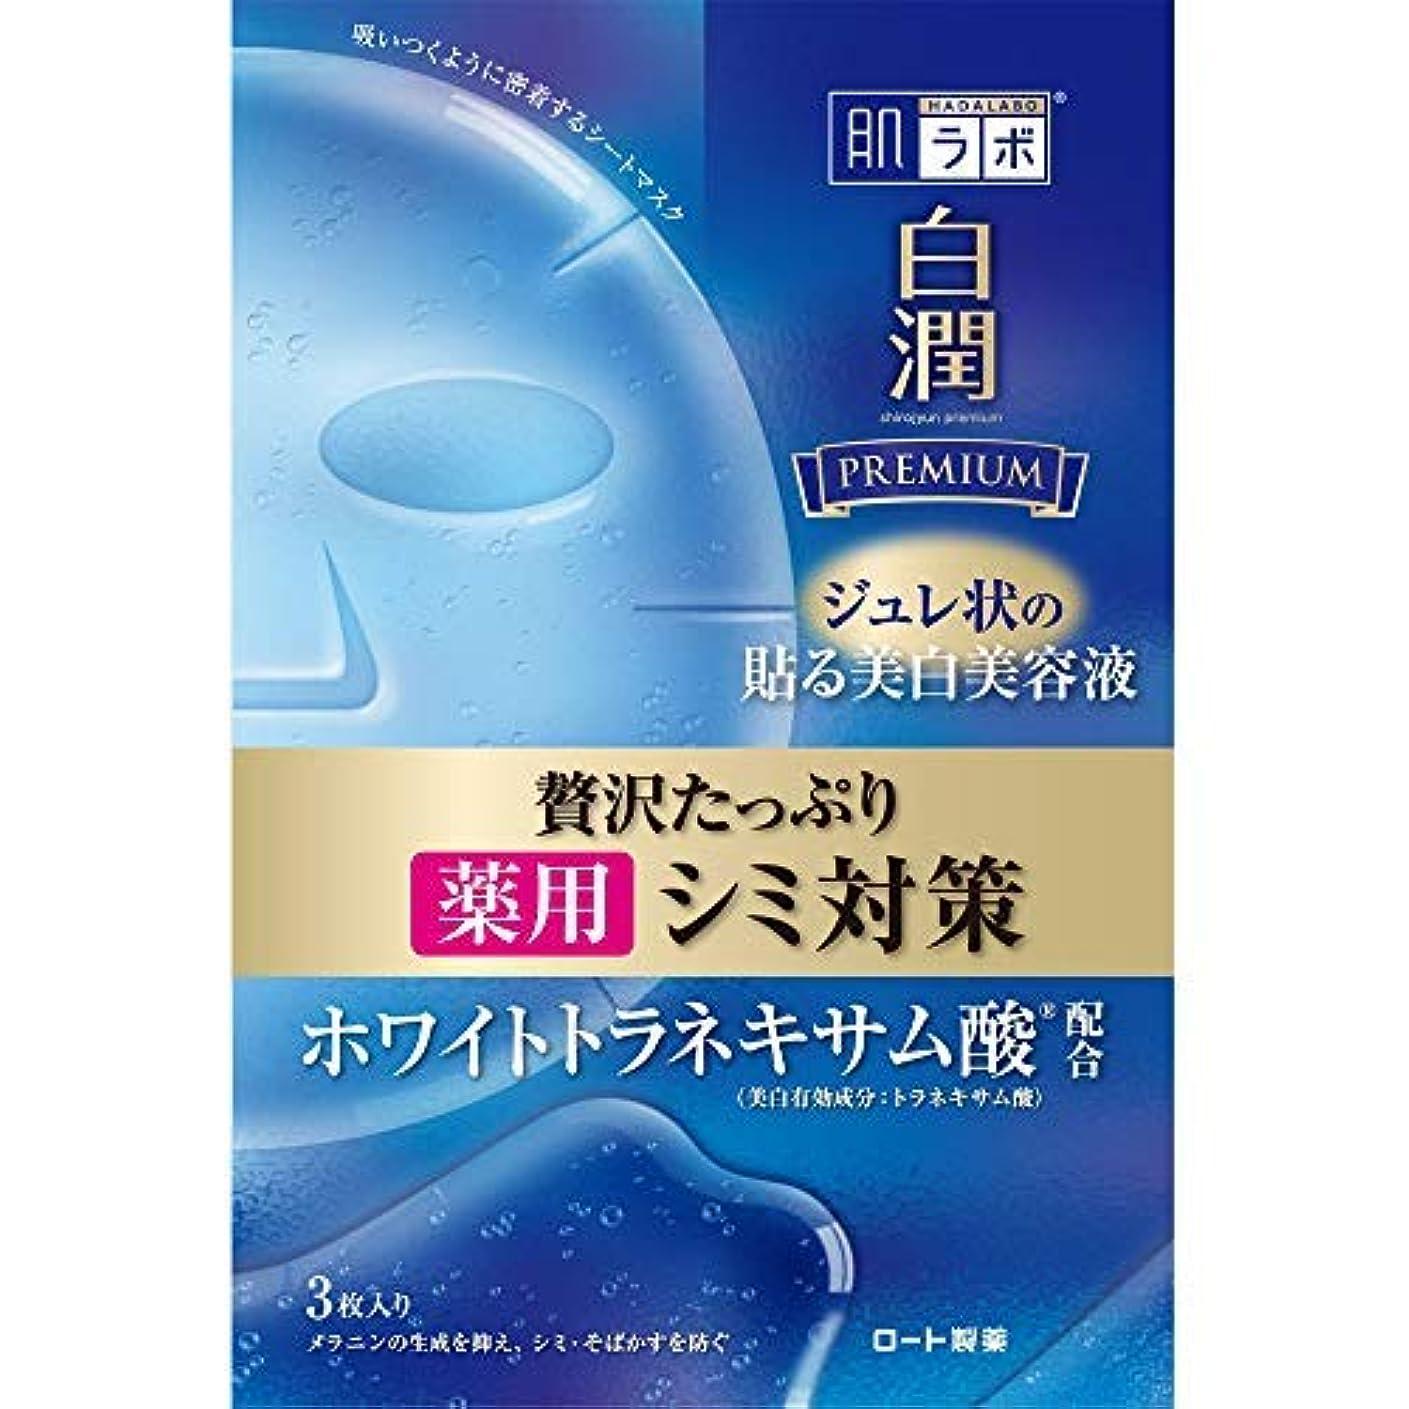 期限投票霊肌ラボ 白潤プレミアム 薬用浸透美白ジュレマスク × 3個セット